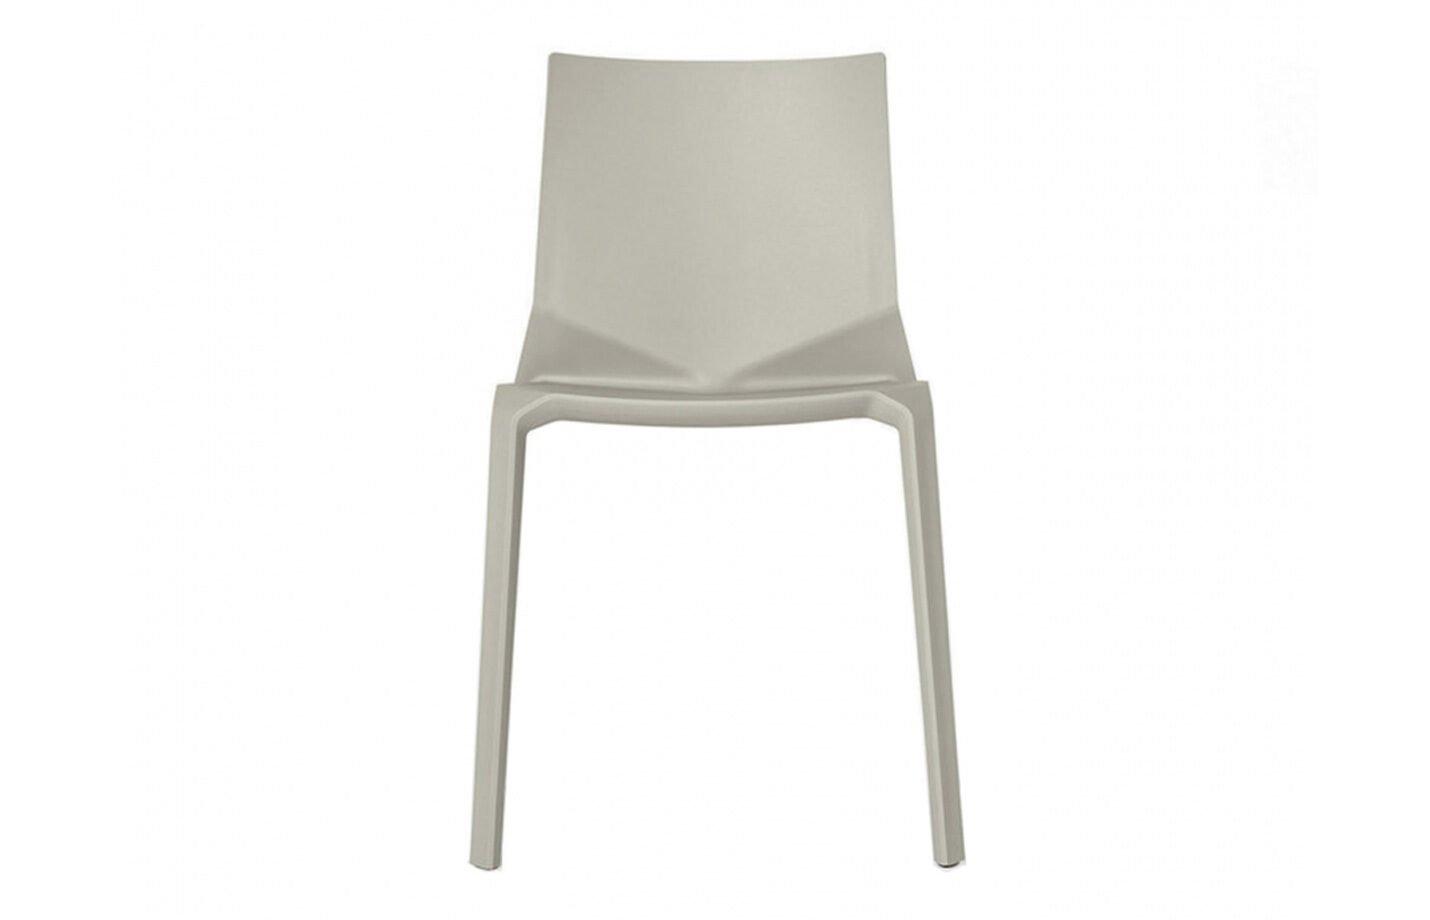 Plana-Chair-Grey-by-Kristalia